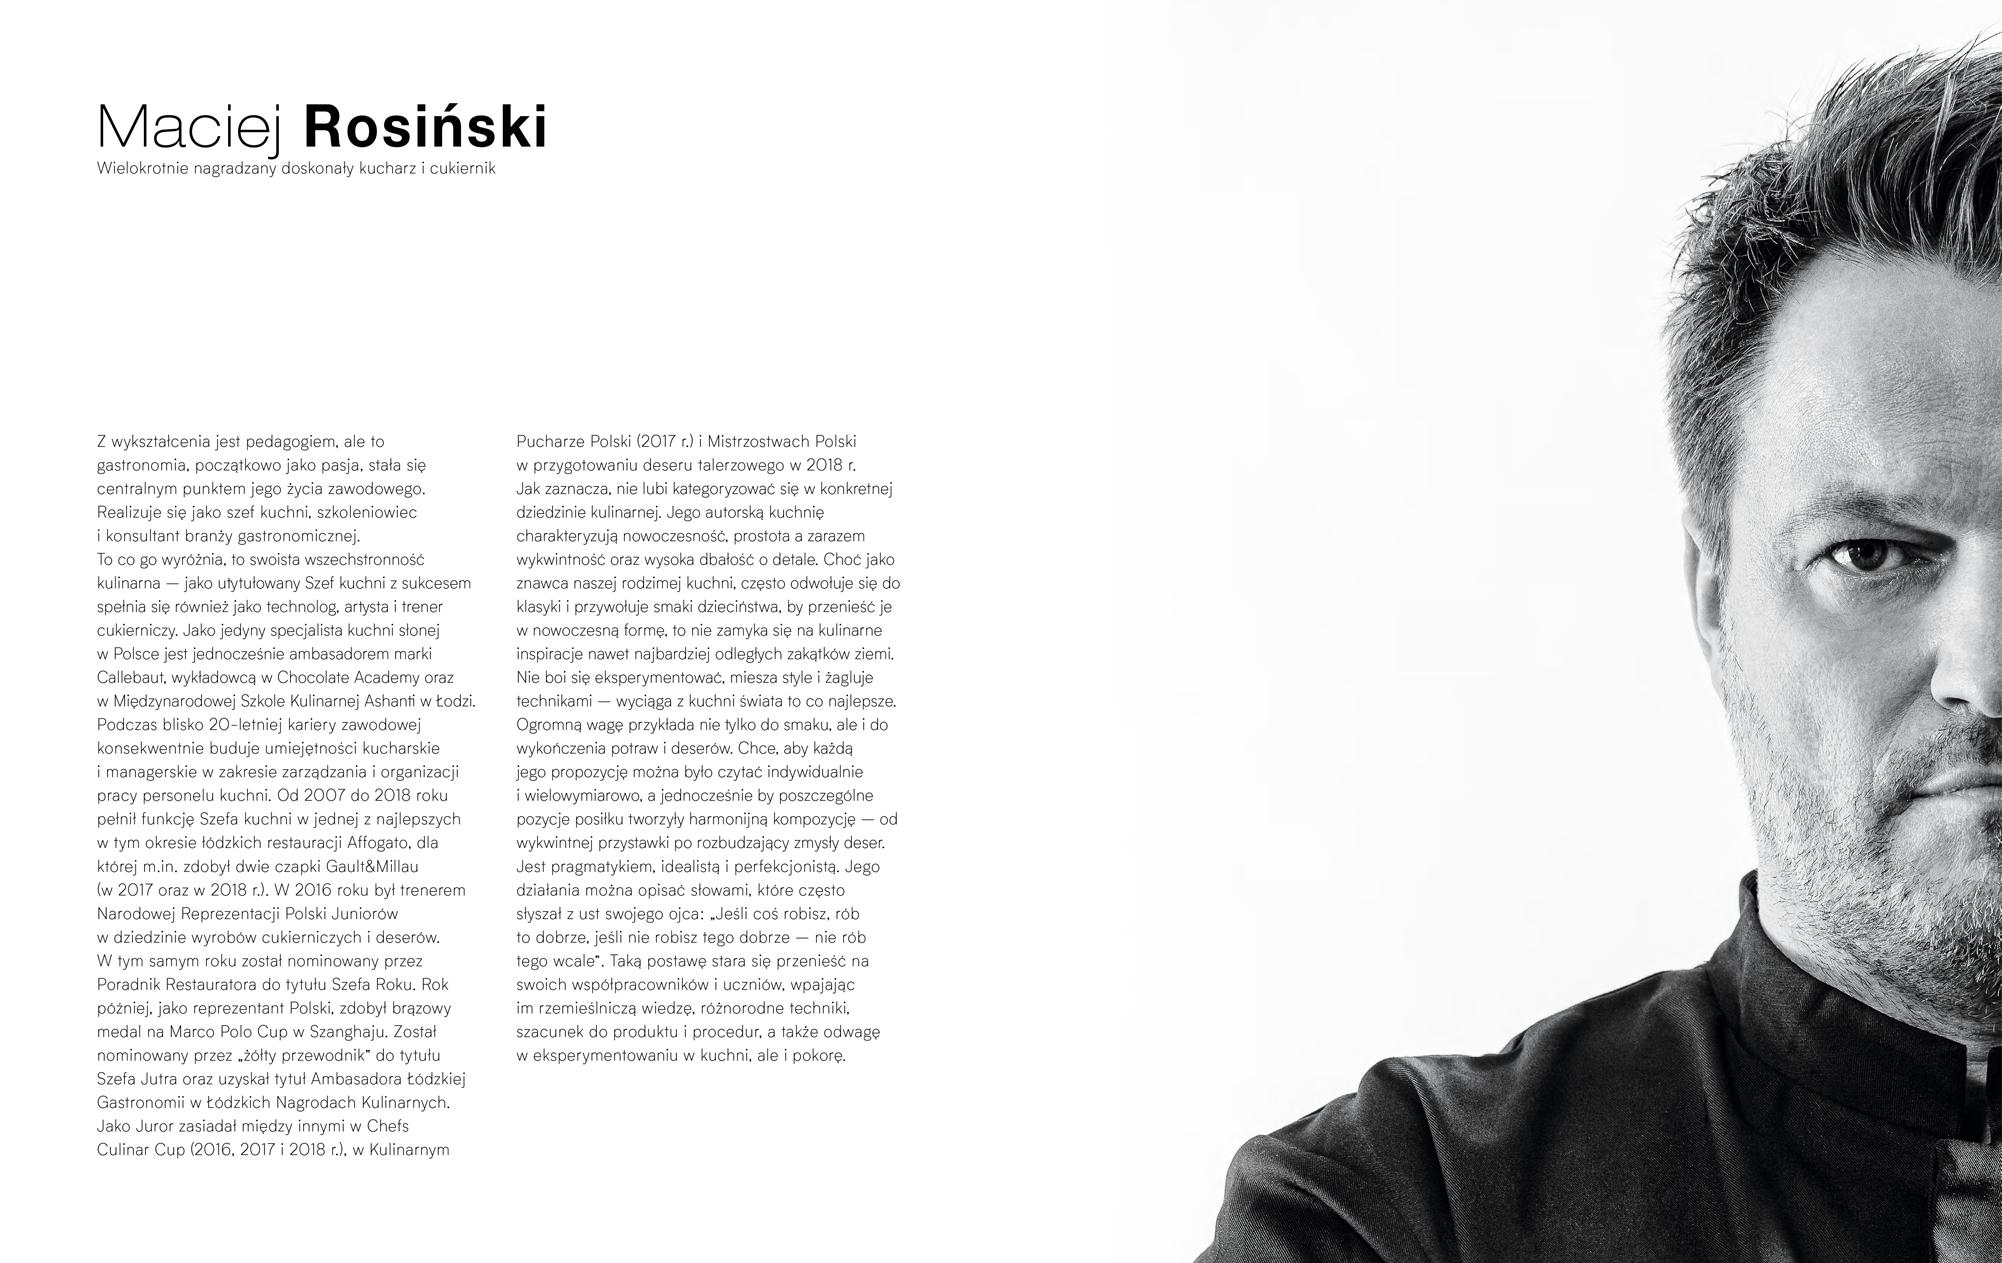 Maciej Rosińki